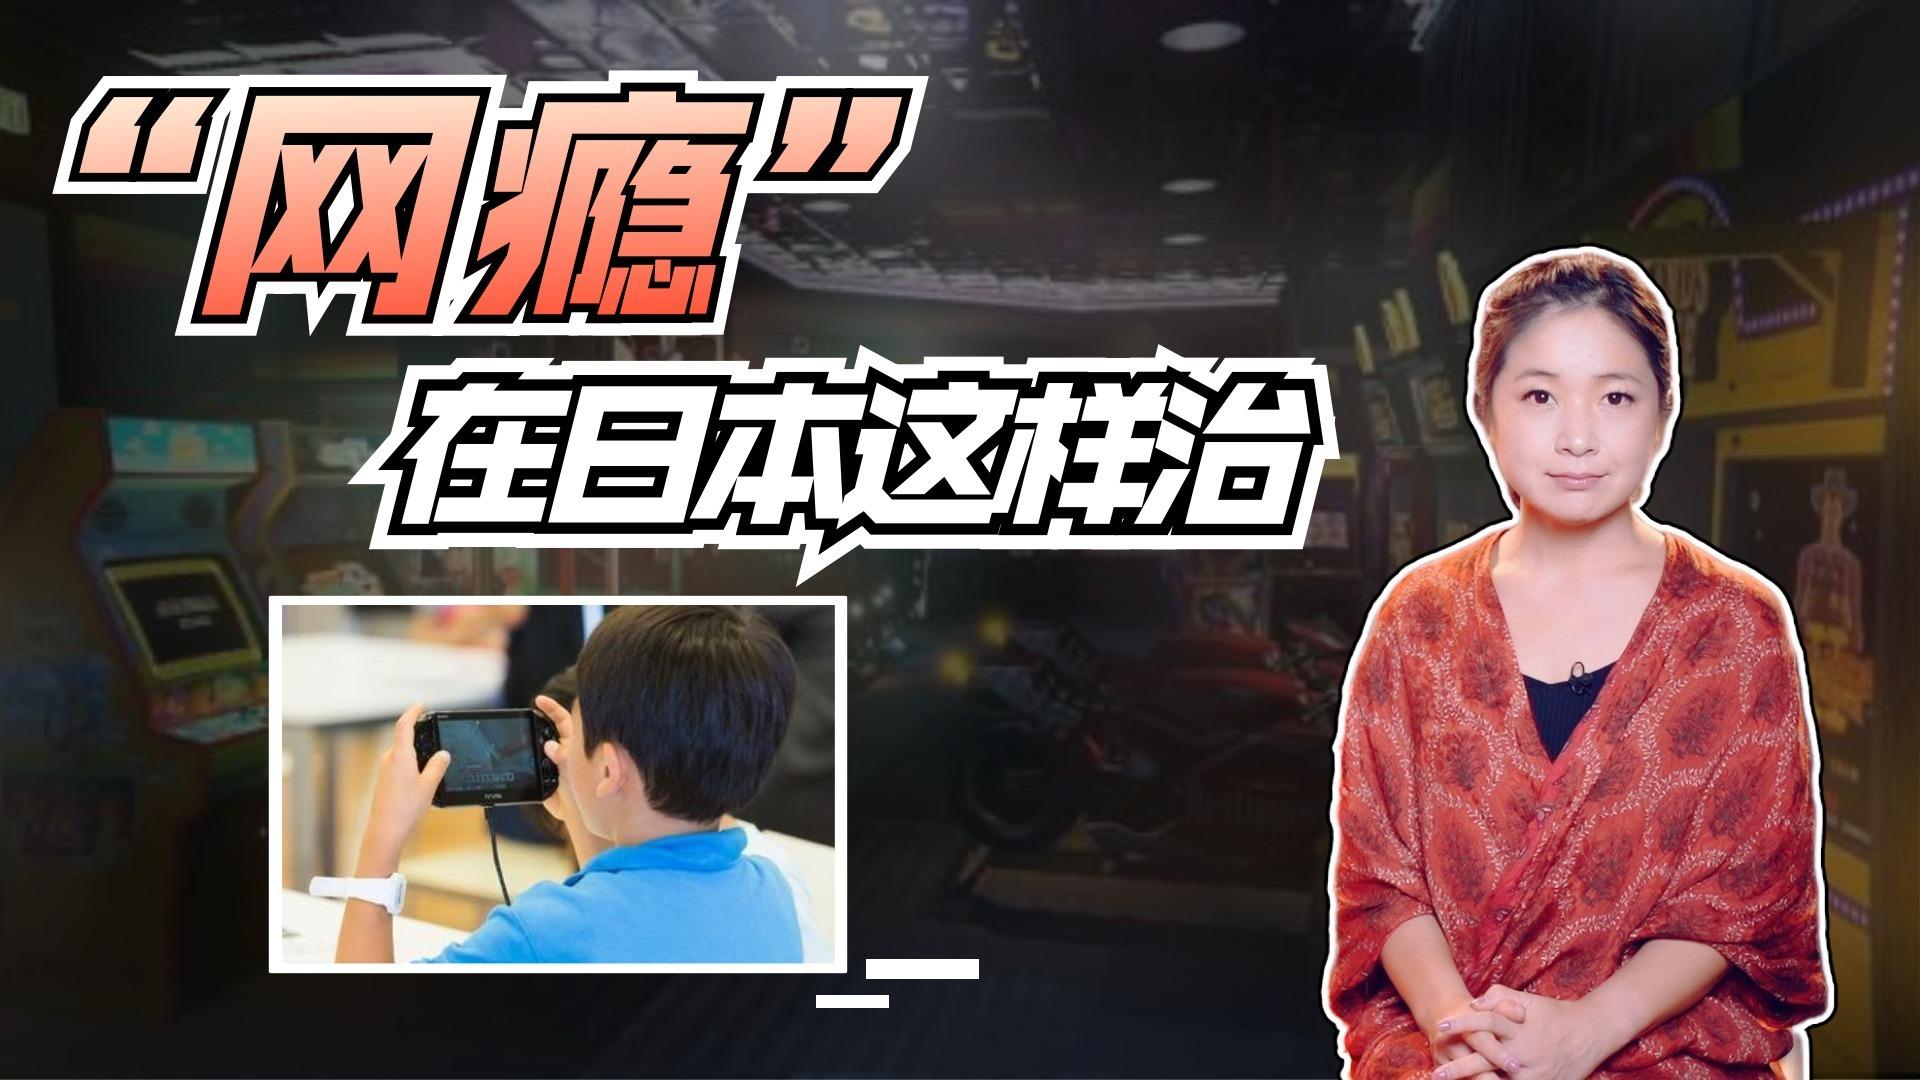 网瘾也是一种病?日本93万名学生患有游戏依赖症|李淼的日本观察